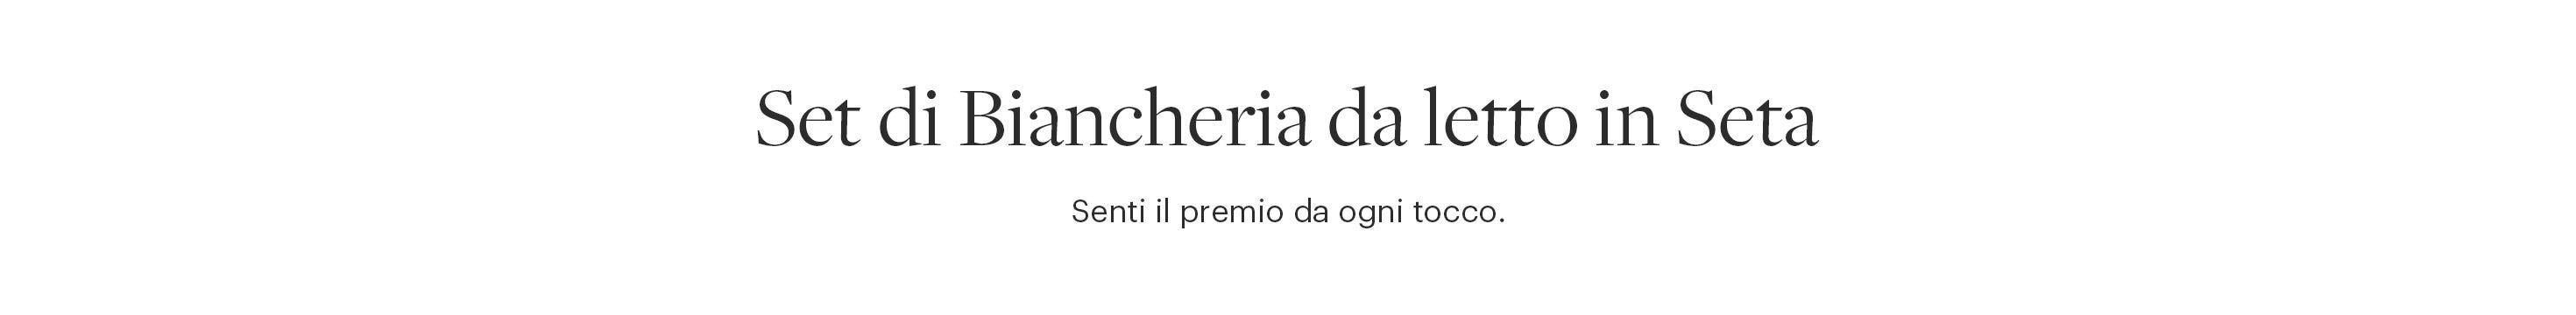 Completo Biancheria Letto